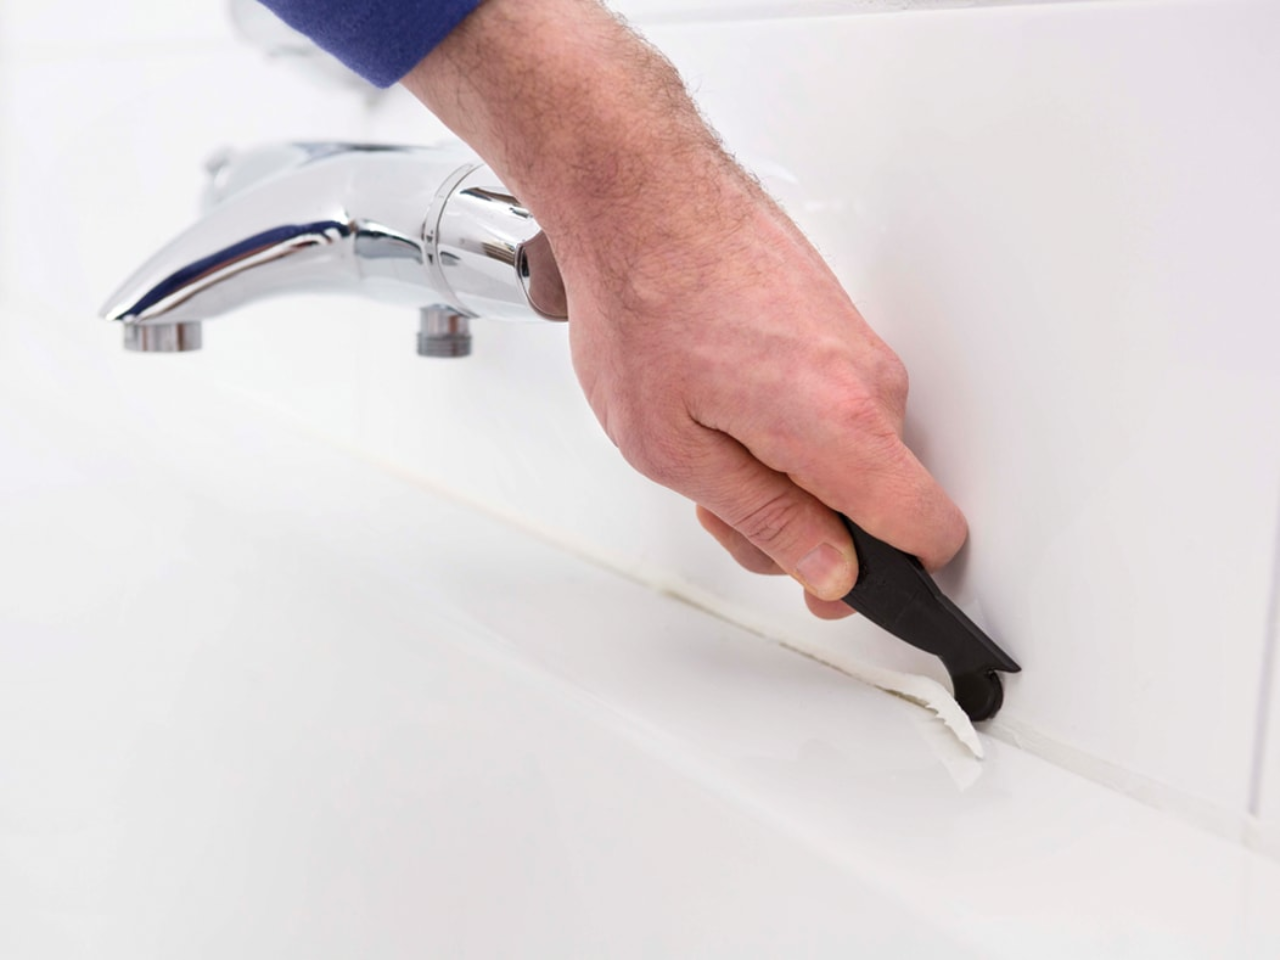 Kit Verwijderen Badkamer : Badkamer bad verwijderen ontzagwekkende kit verwijderen